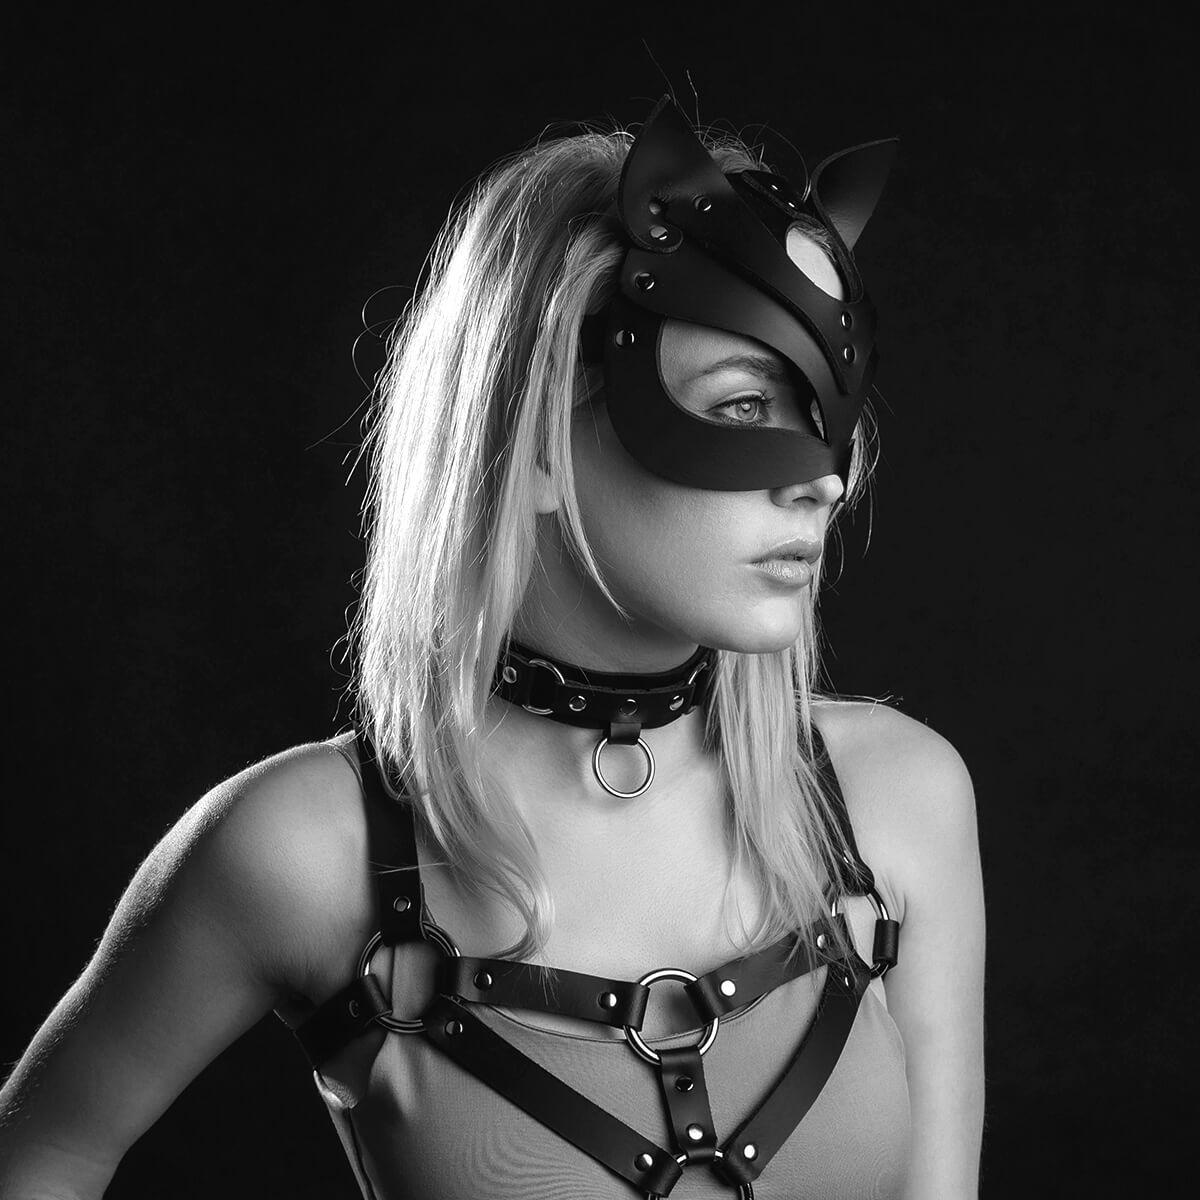 Slečna v masce kočky s obojkem a postrojem